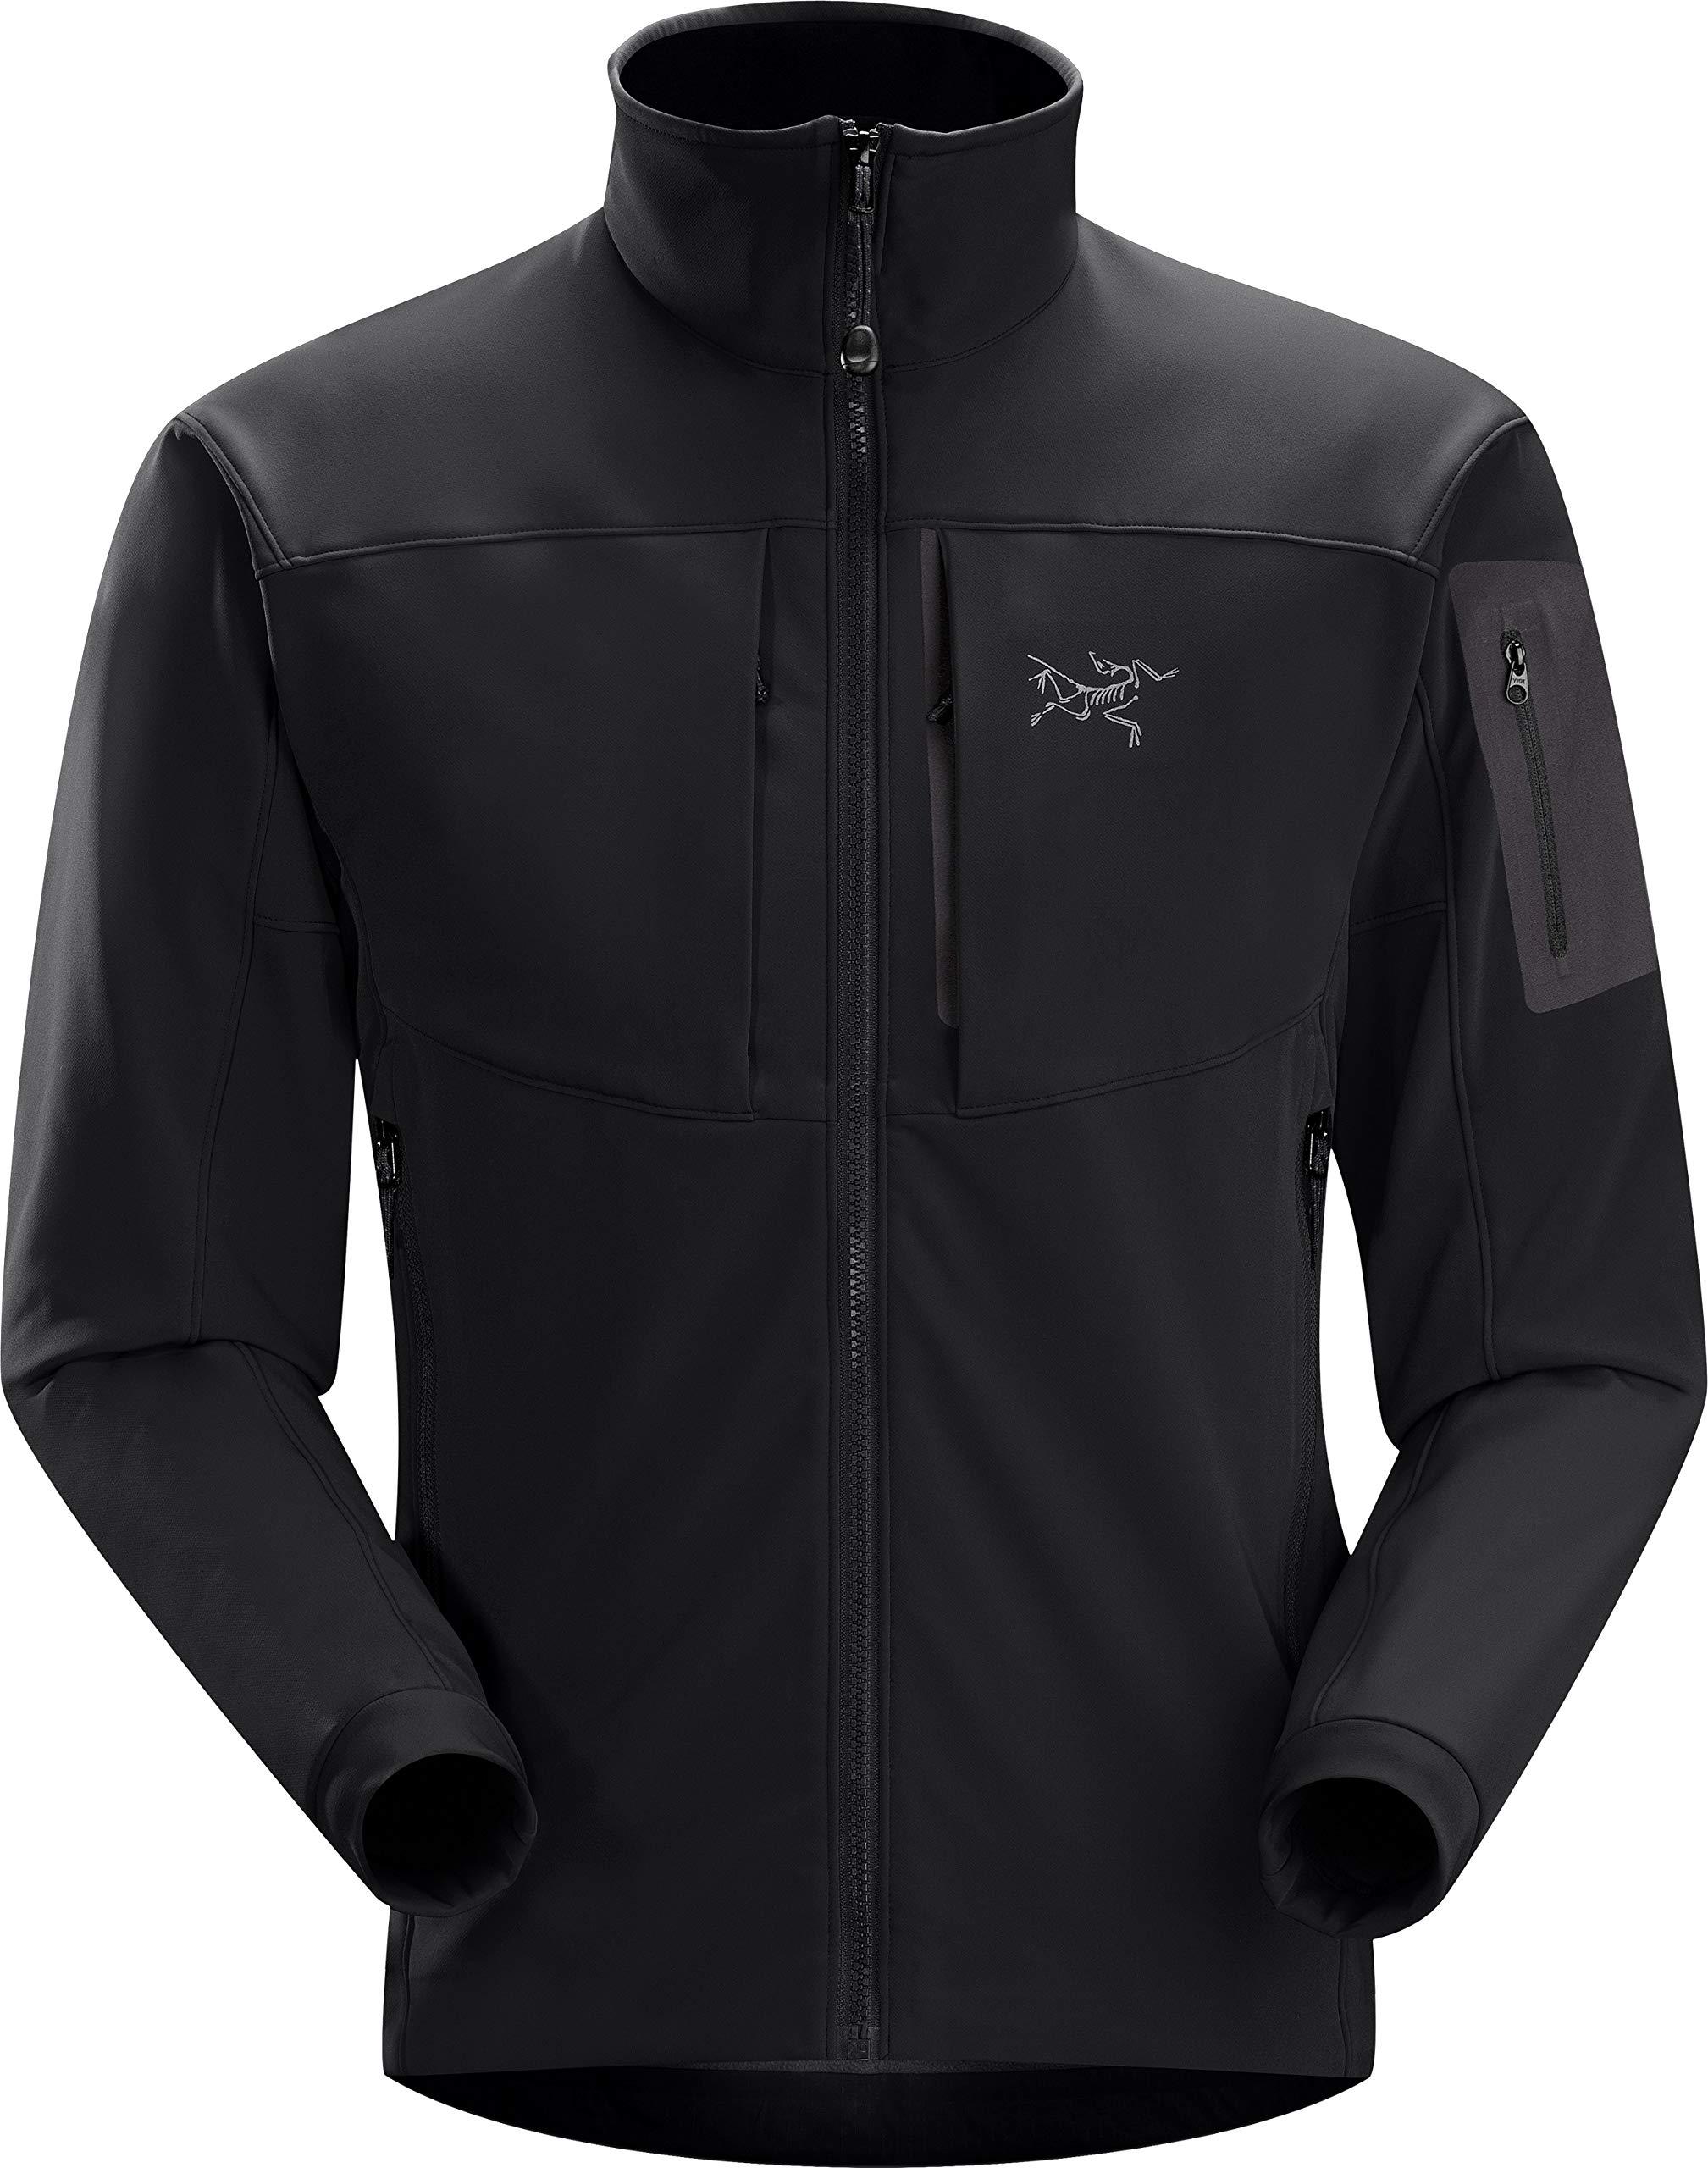 Arc'teryx Gamma MX Jacket Men's (Blackbird, XX-Large) by Arc'teryx